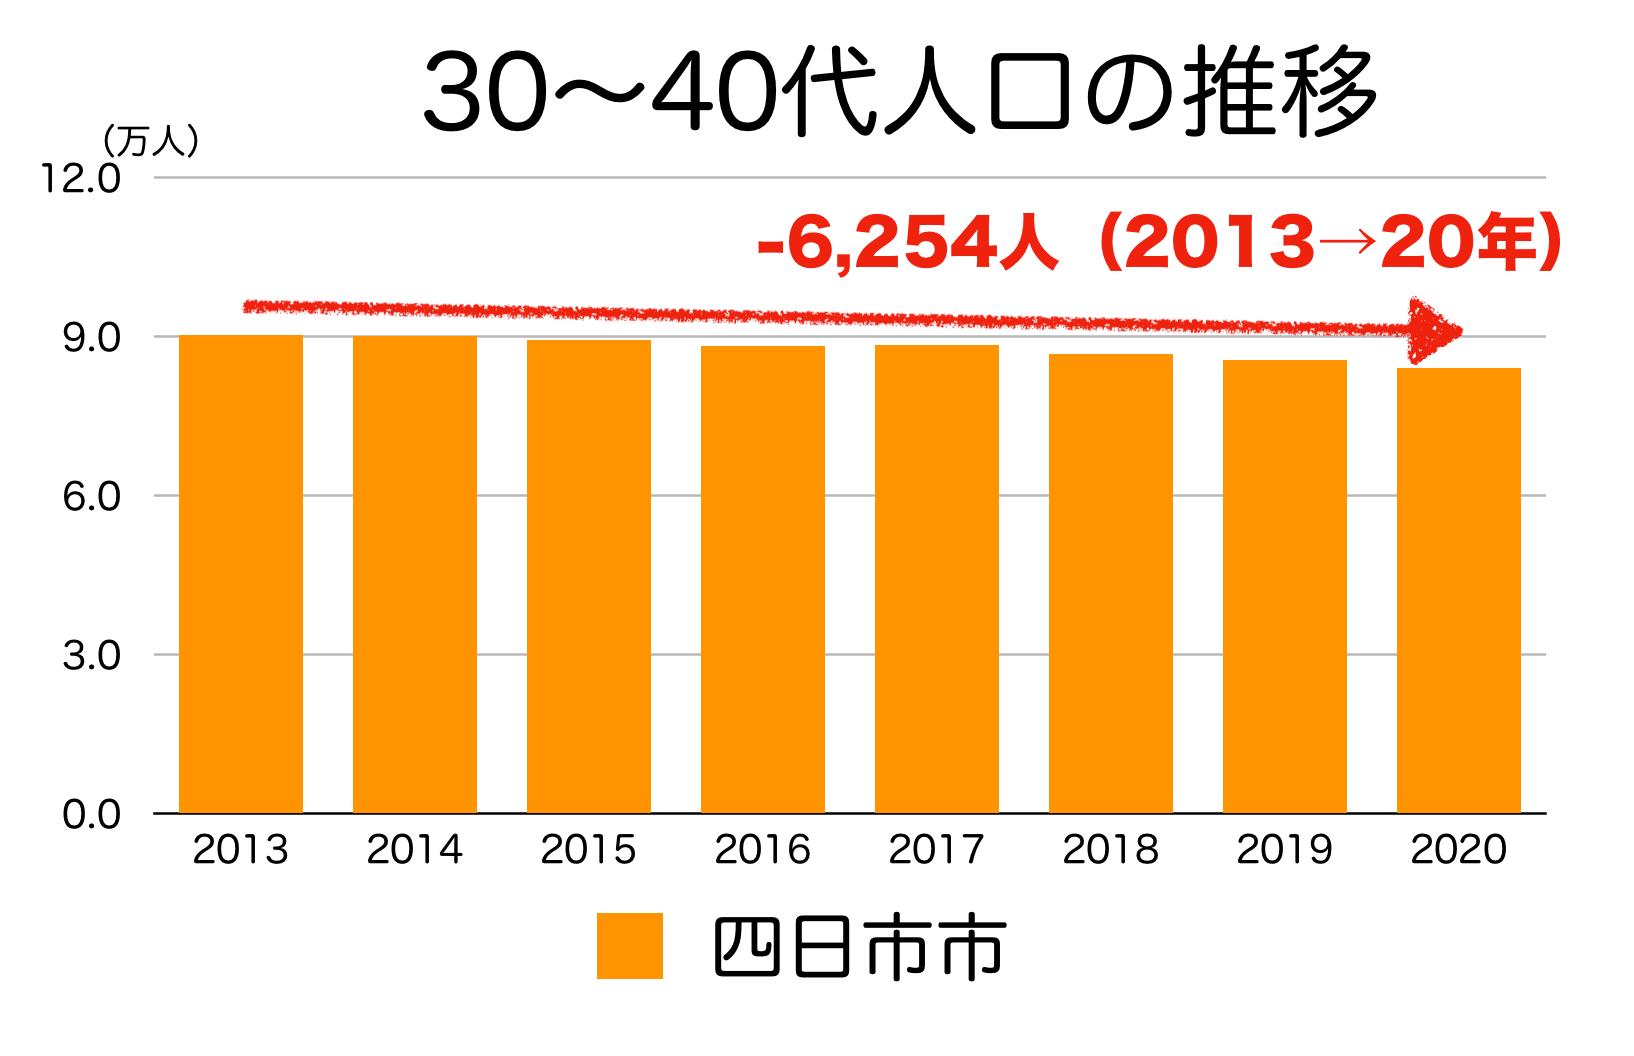 四日市市の30〜40代人口の推移